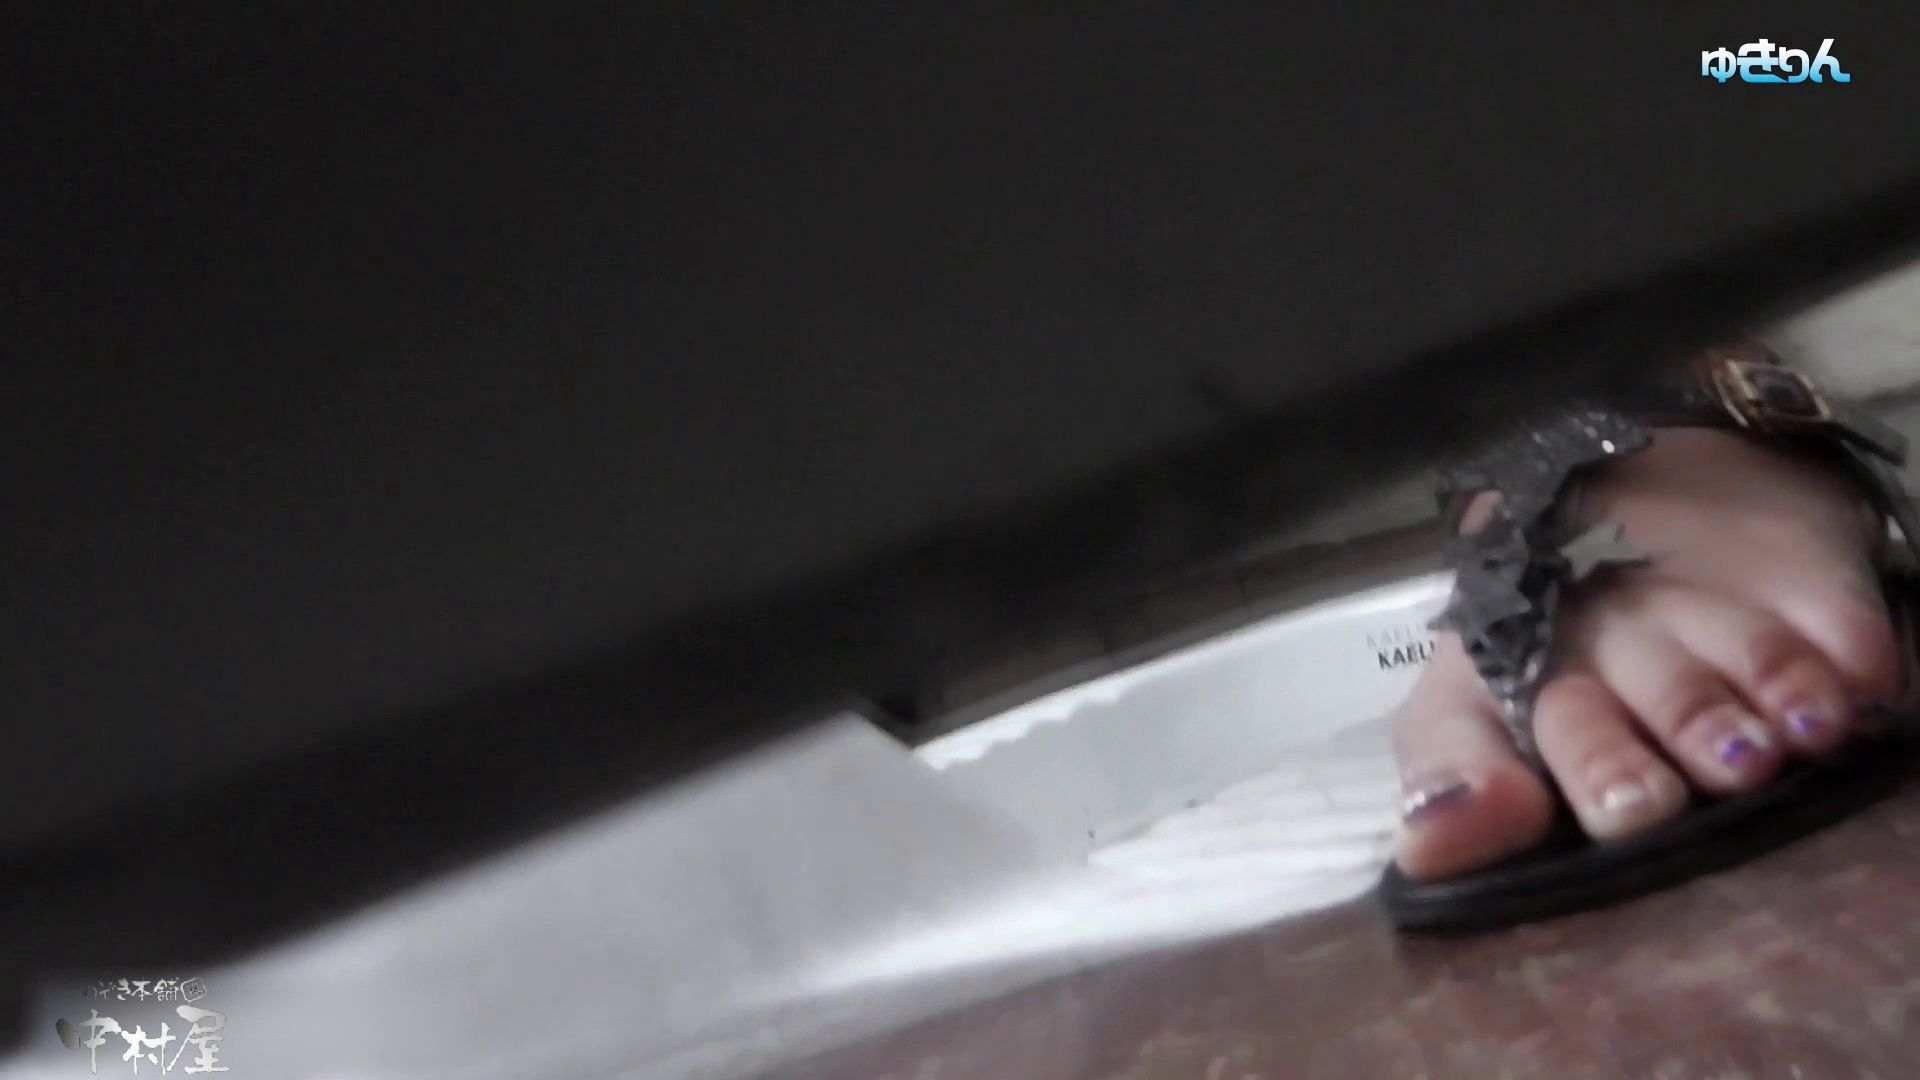 世界の射窓から~ステーション編 vol60 ユキリン粘着撮り!!今回はタイトなパンツが似合う美女 美女まとめ  113PIX 38